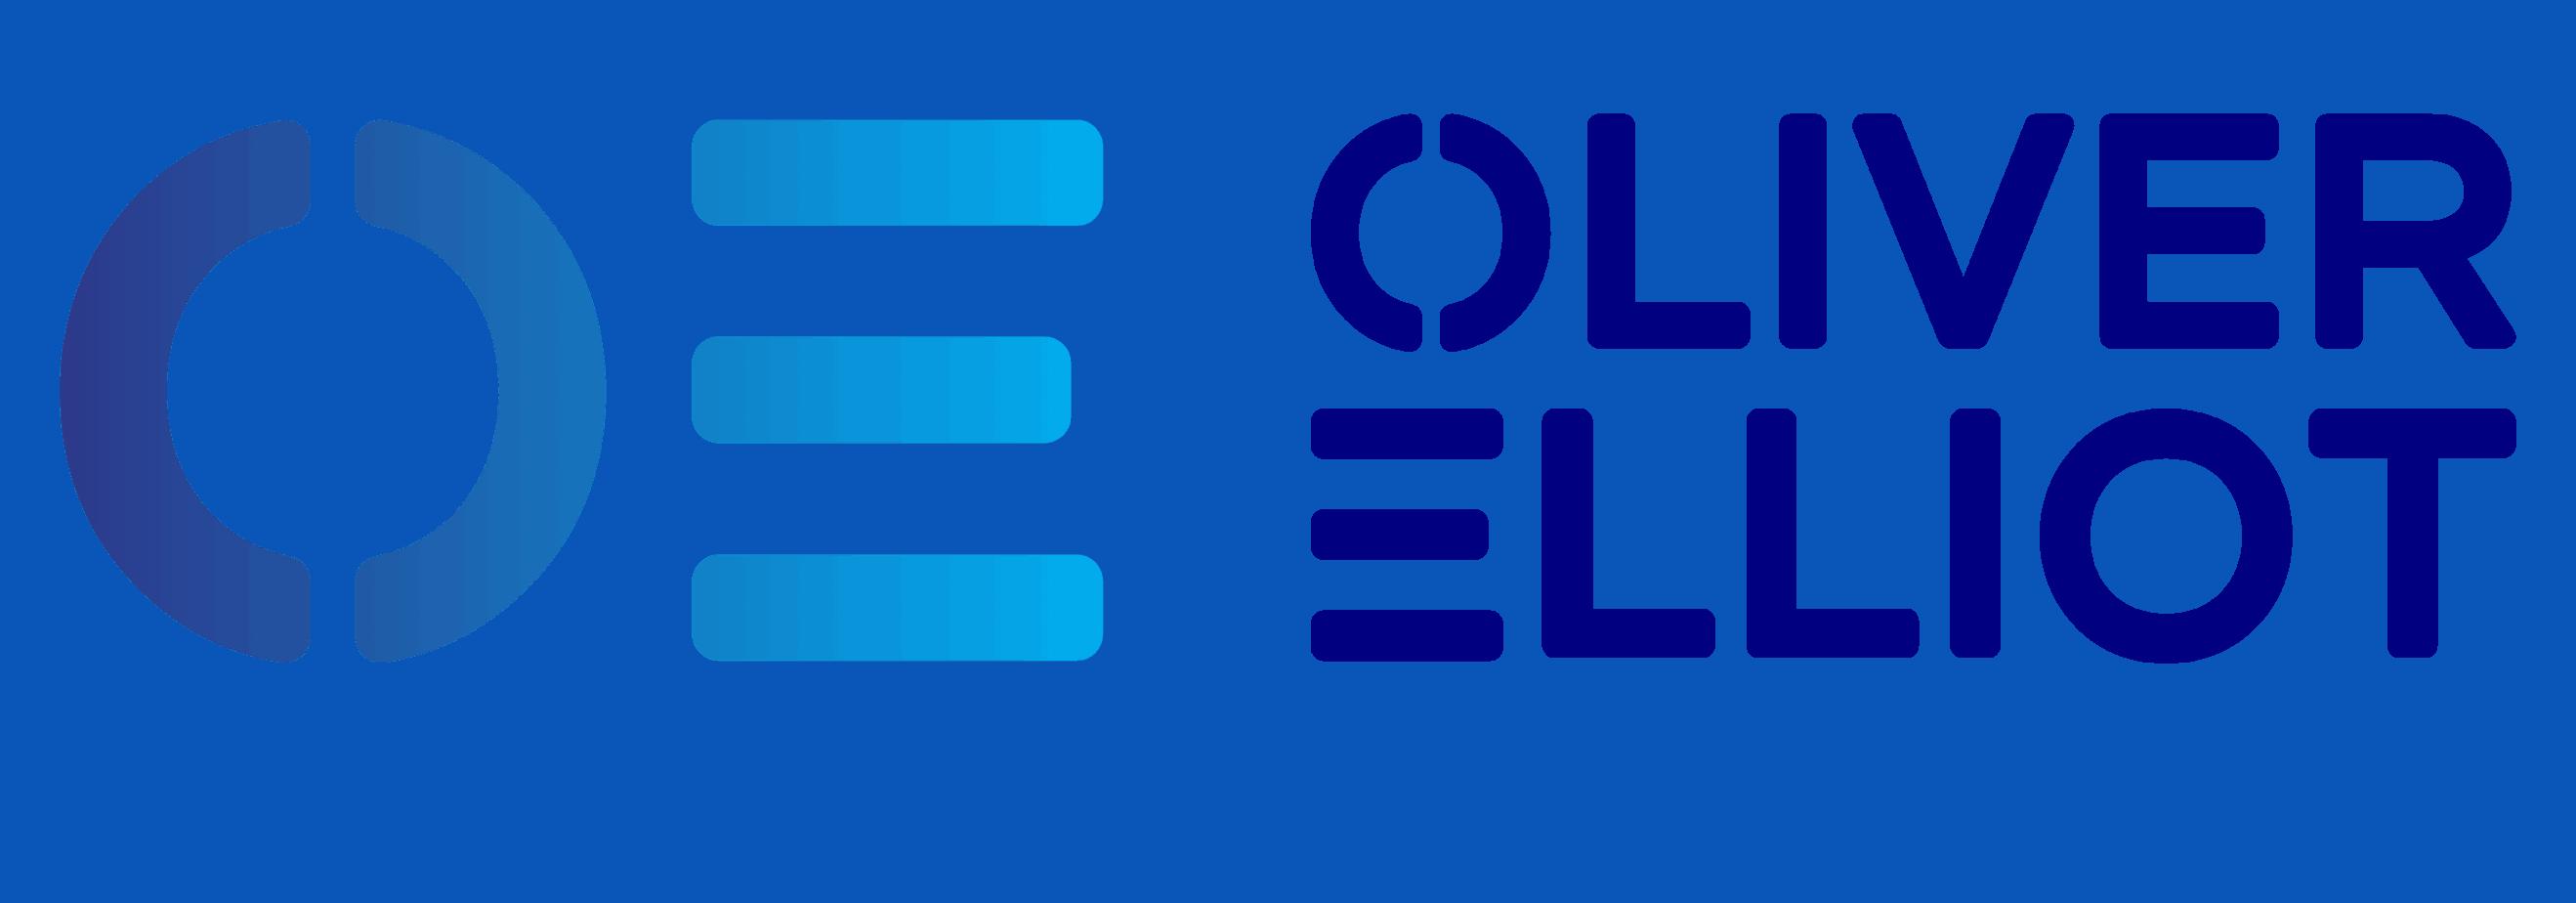 Oliver Elliot